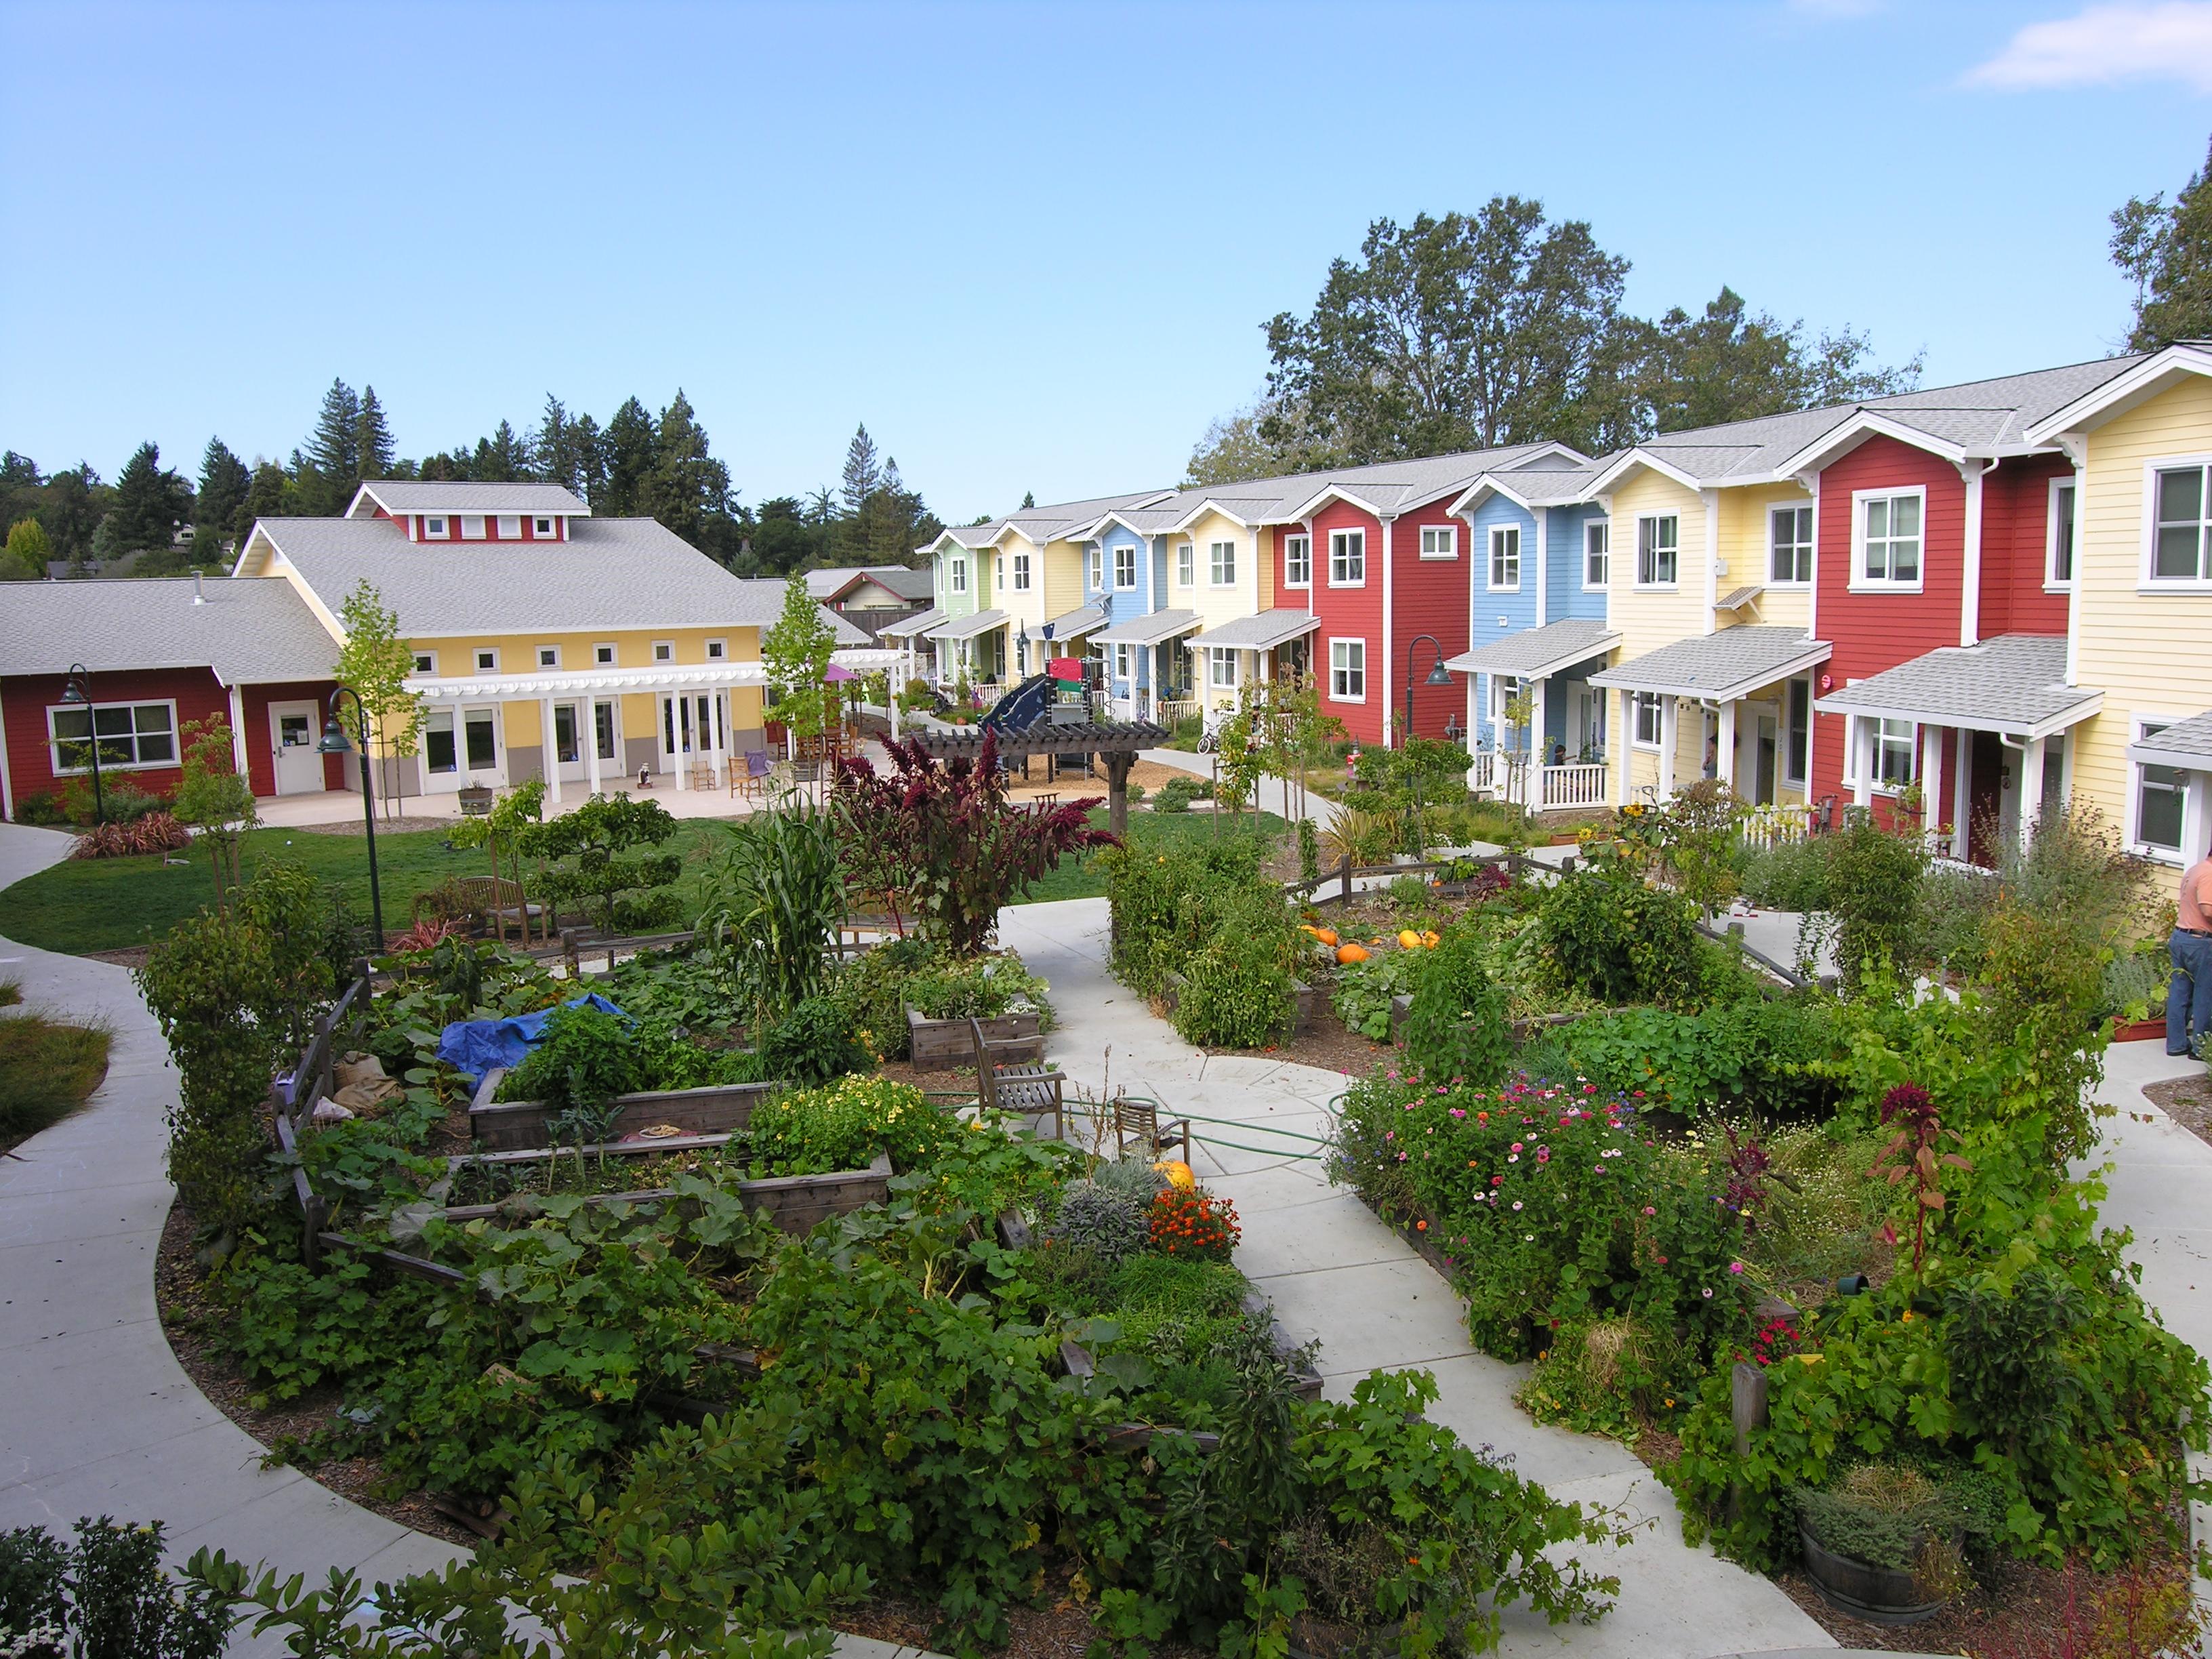 petaluma-ave-homes-cohousing.jpg